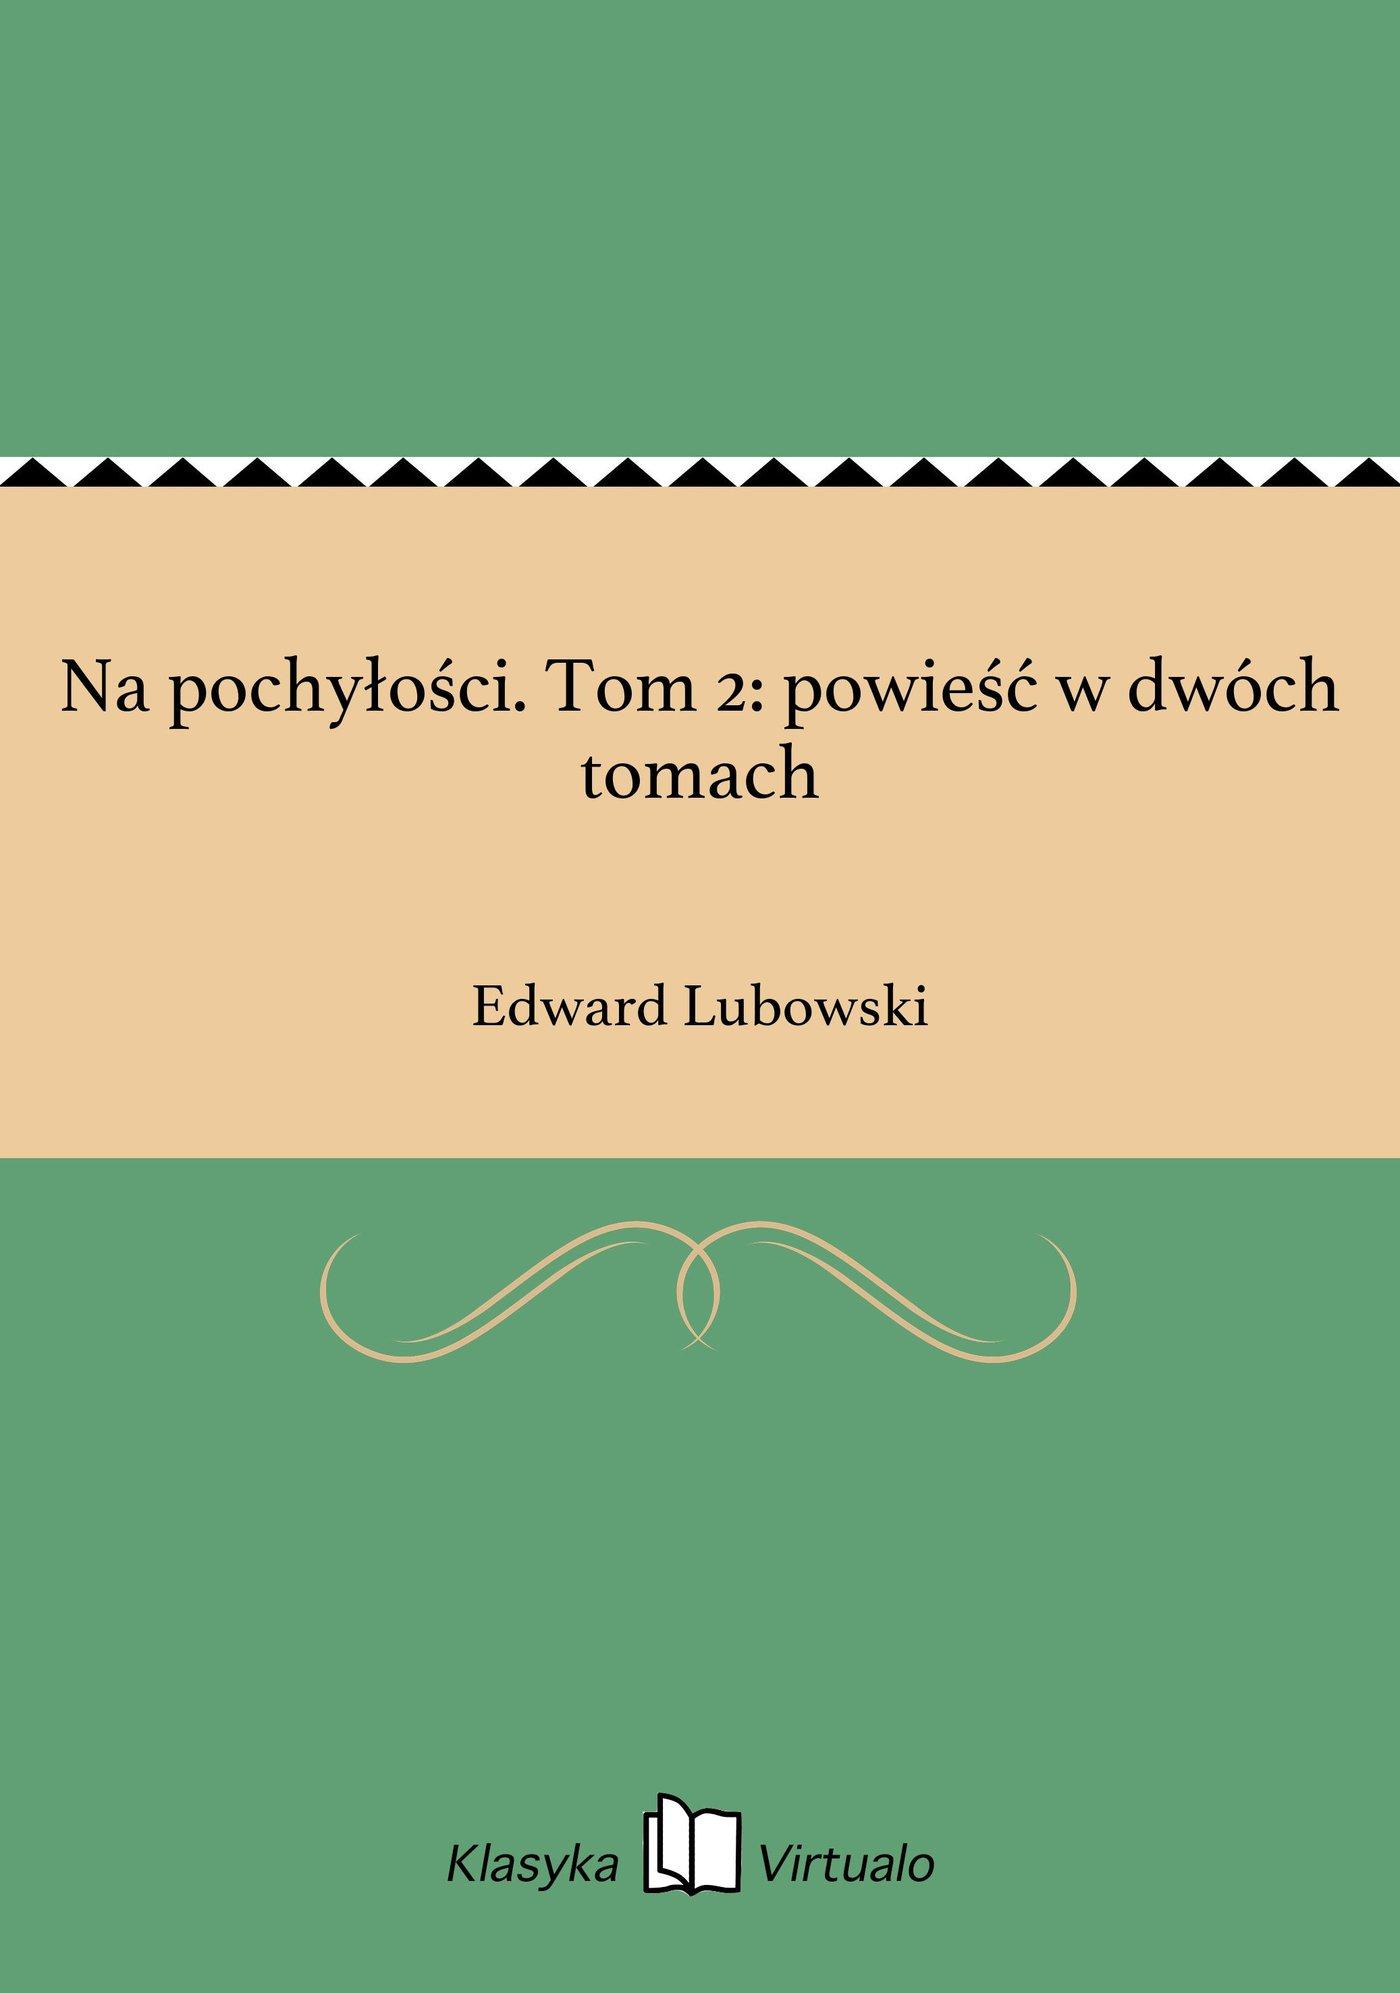 Na pochyłości. Tom 2: powieść w dwóch tomach - Ebook (Książka EPUB) do pobrania w formacie EPUB